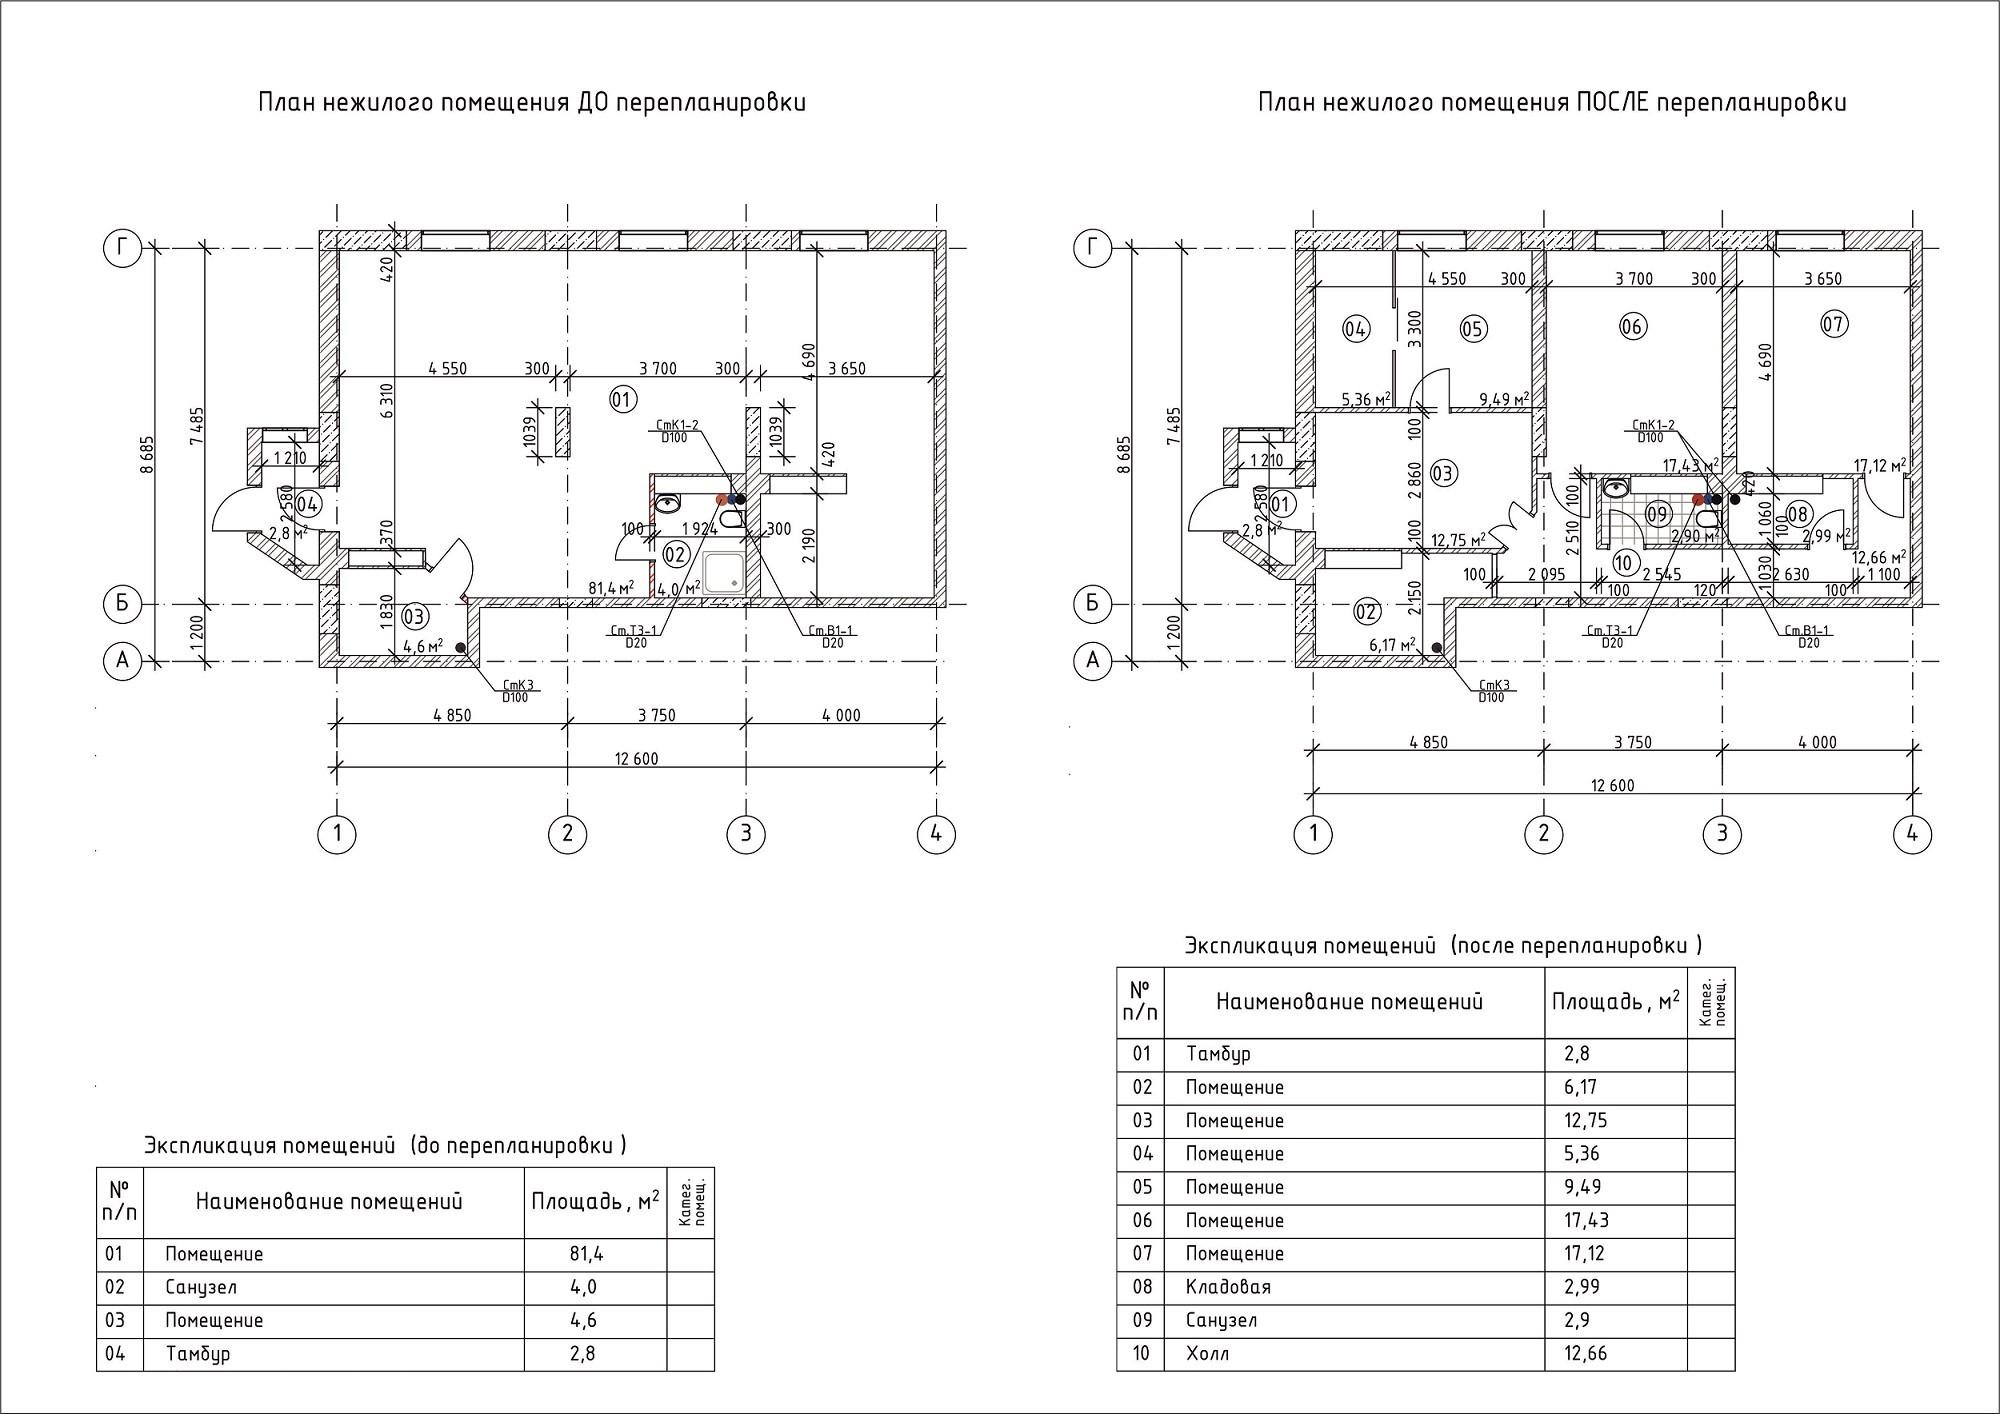 Для согласования перепланировки заказывается проект, техническое заключение о состоянии несущих конструкций.